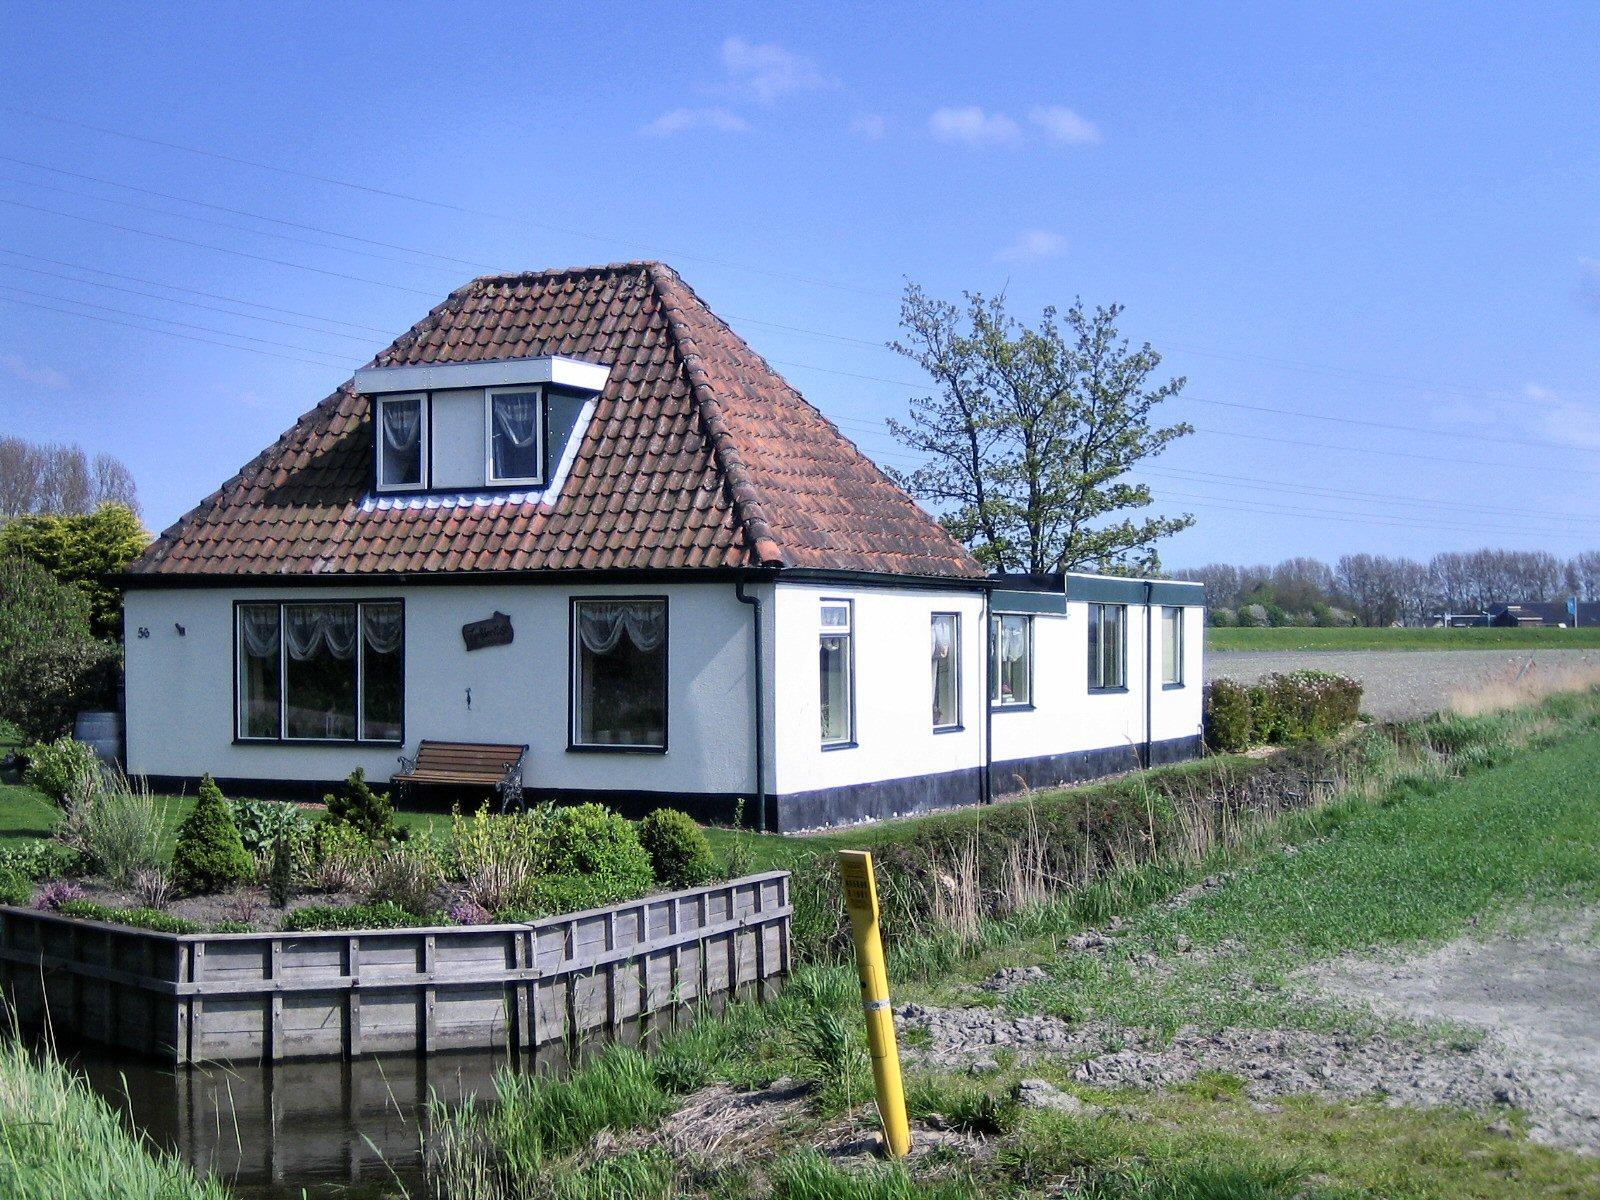 Alle plaatsen op de fiets nl - Eigentijds gebouw ...